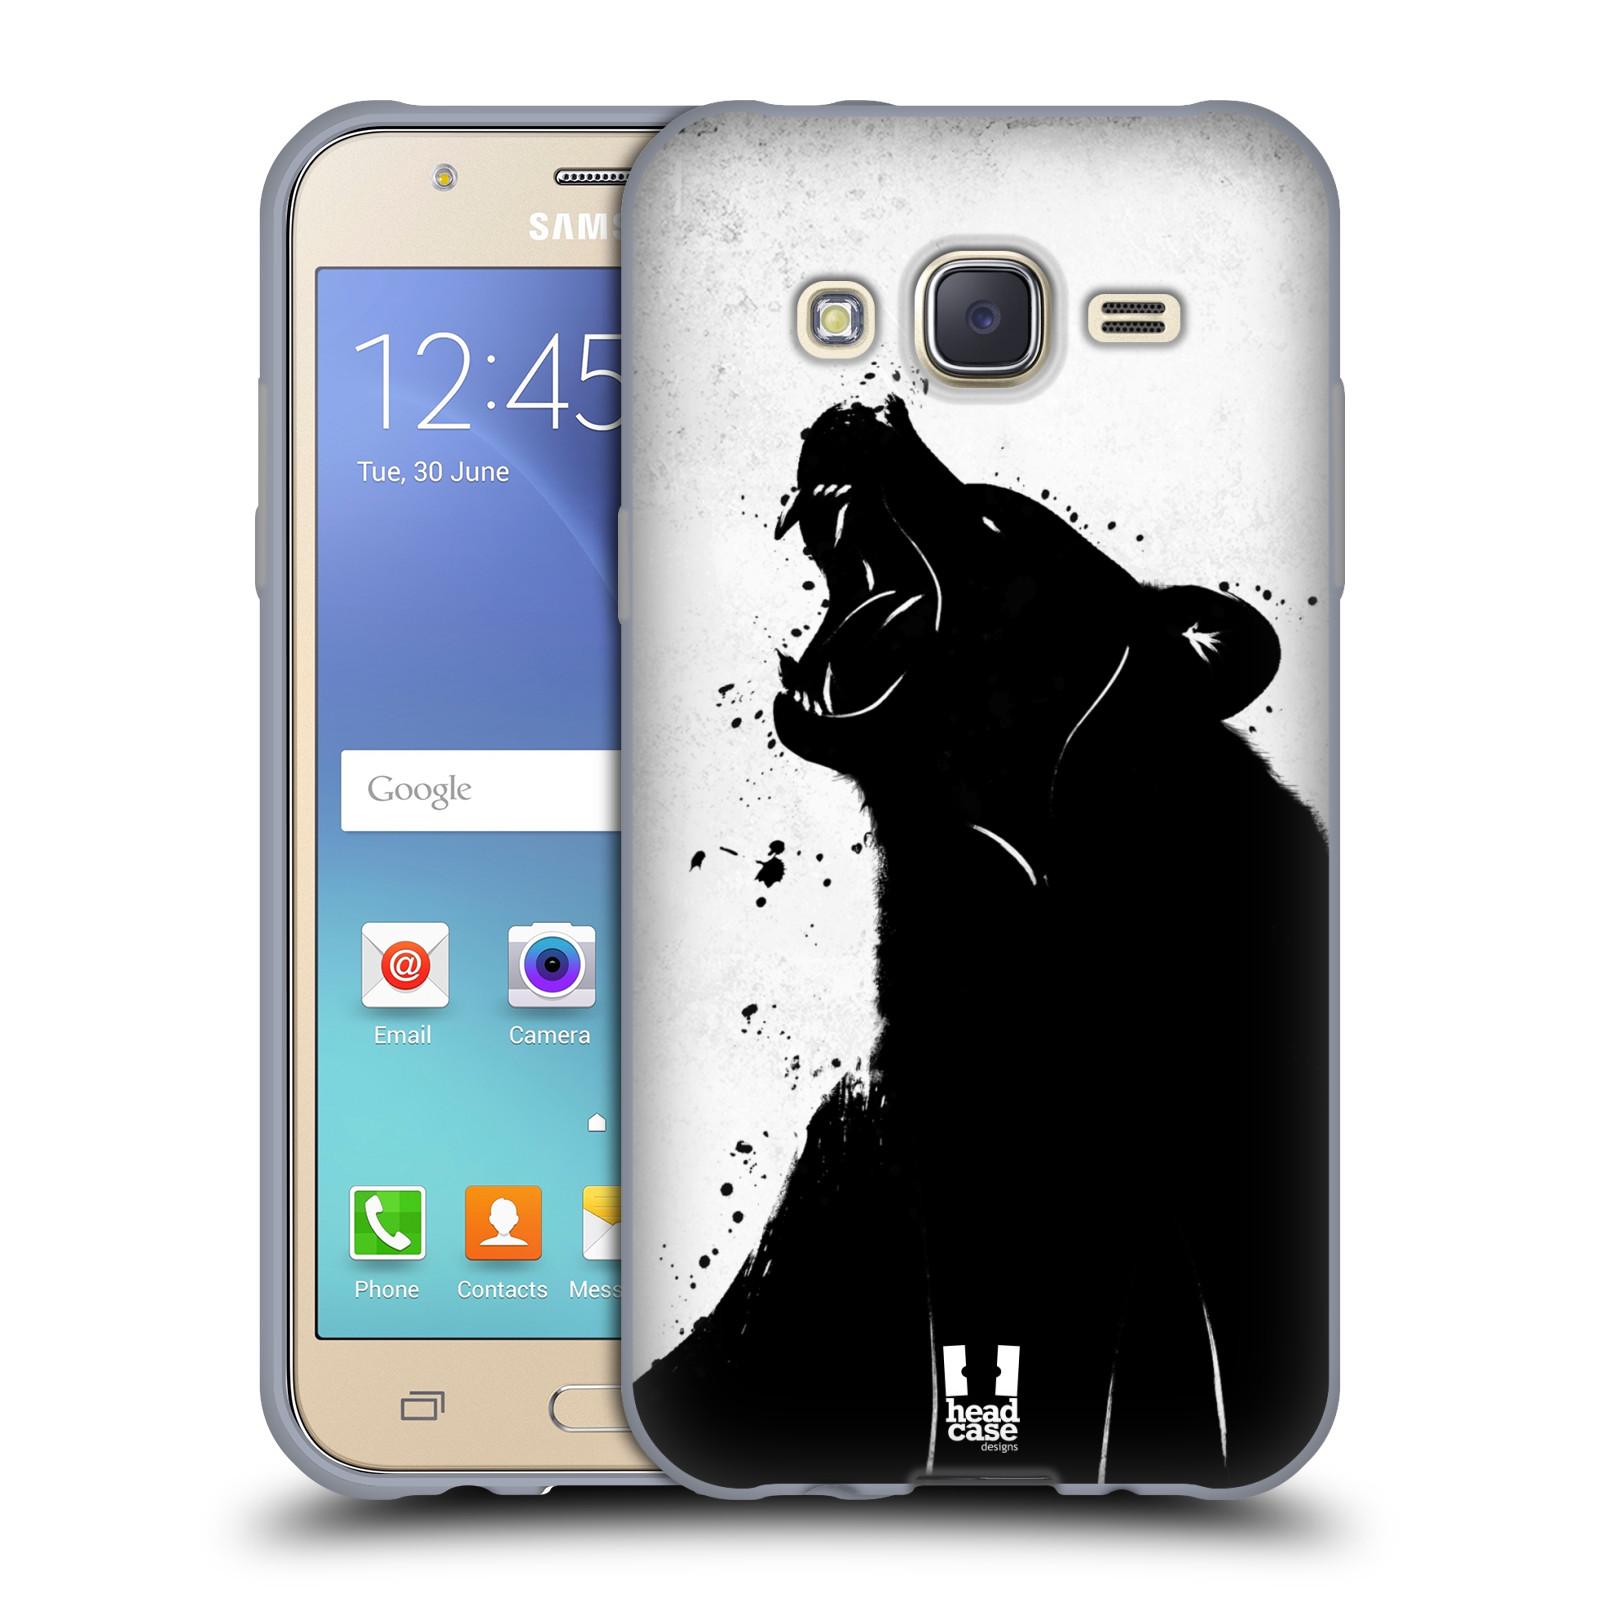 HEAD CASE silikonový obal na mobil Samsung Galaxy J5, J500, (J5 DUOS) vzor Kresba tuš zvíře medvěd